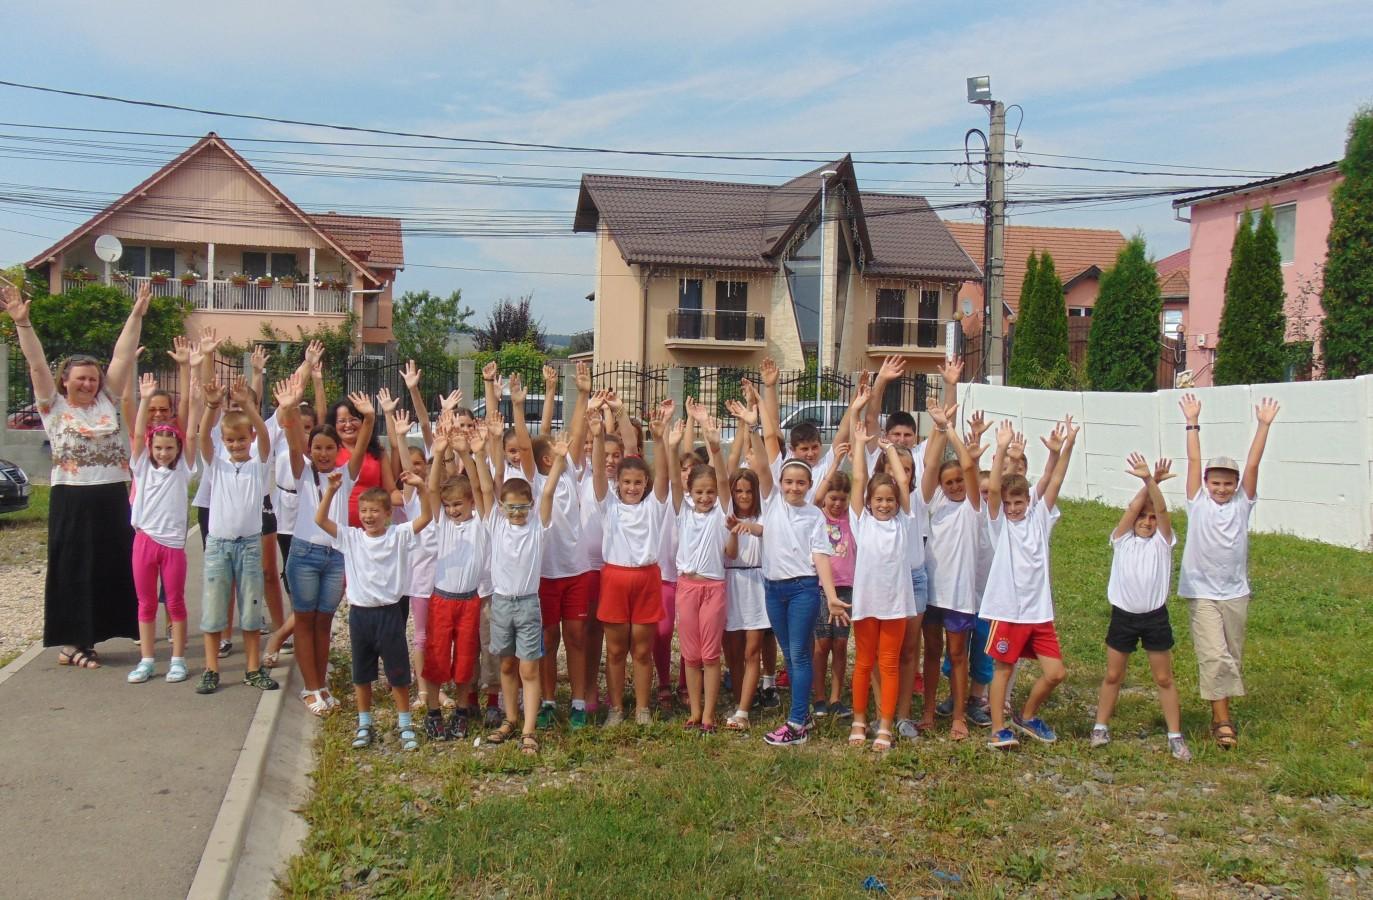 Prietenie și voie bună, la școală de vară din localitatea clujeană Florești